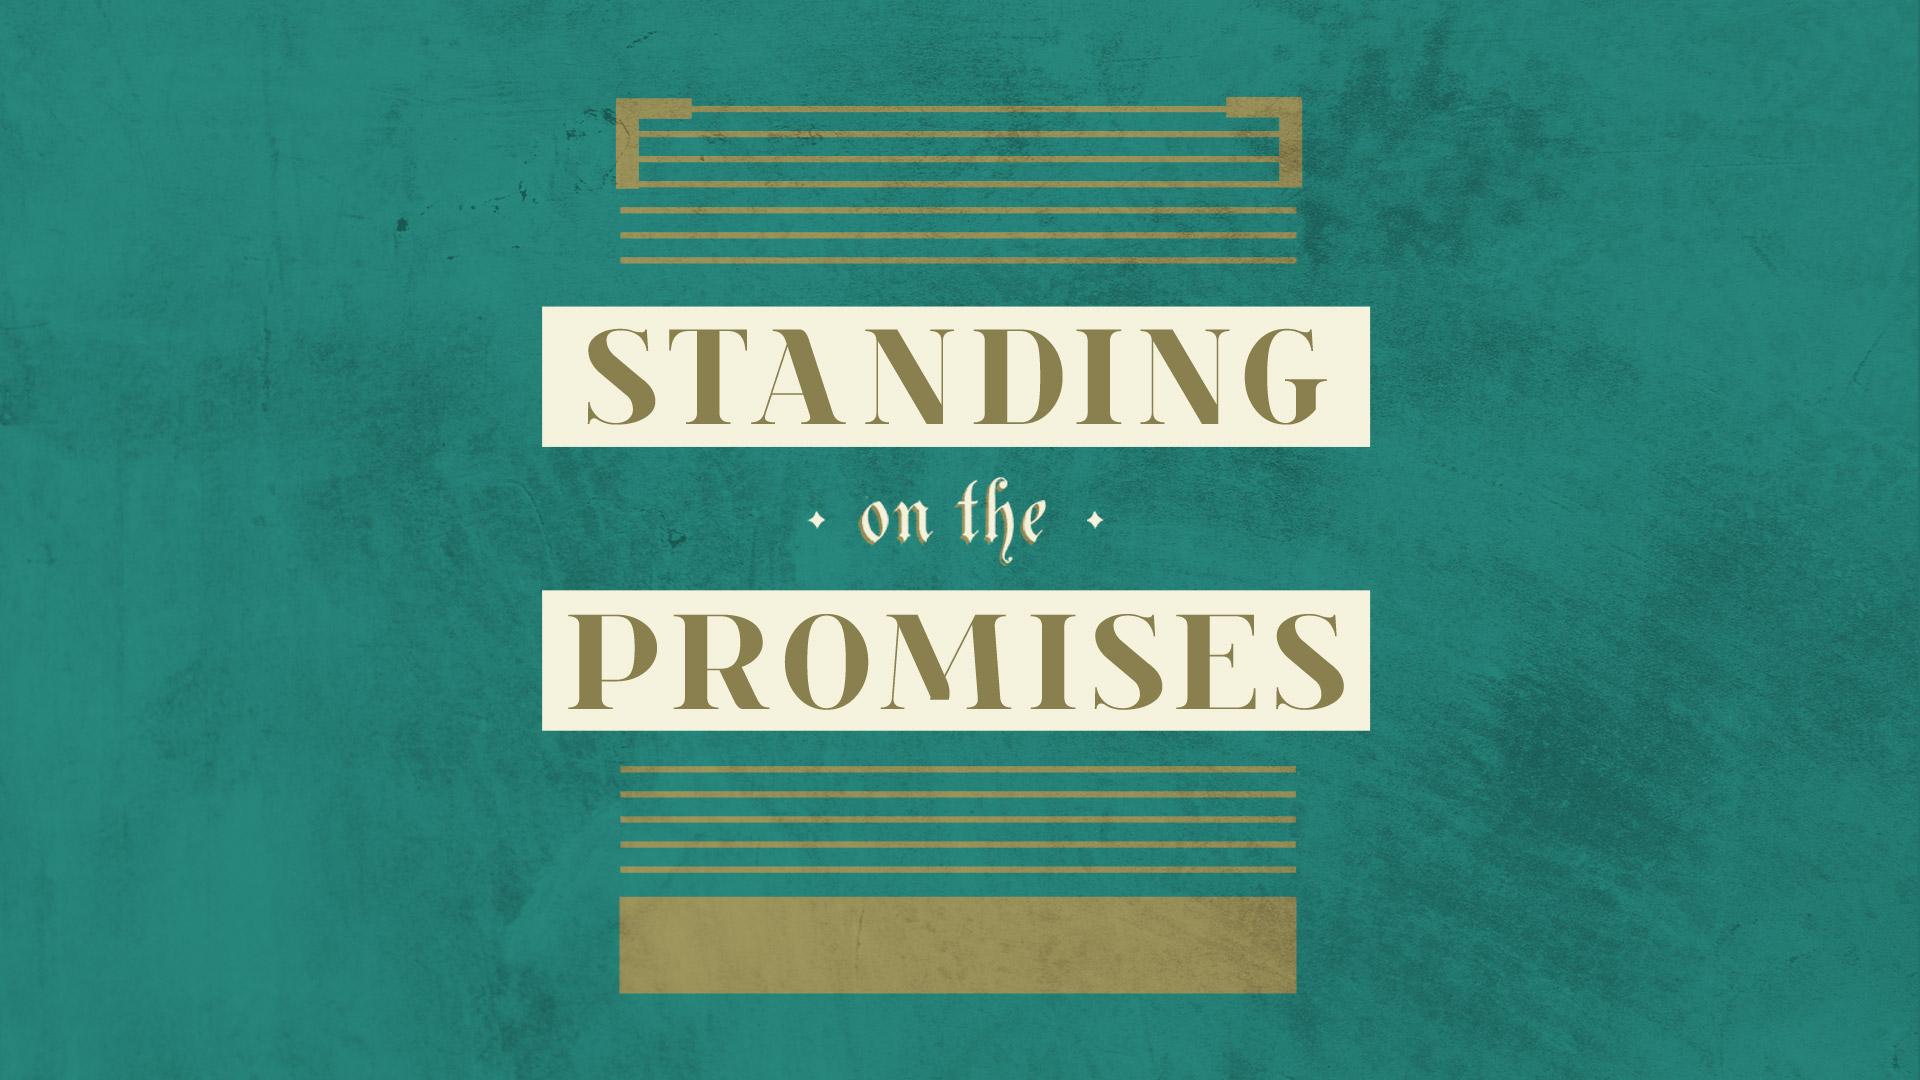 promises 2019(1920x1080)md.jpg